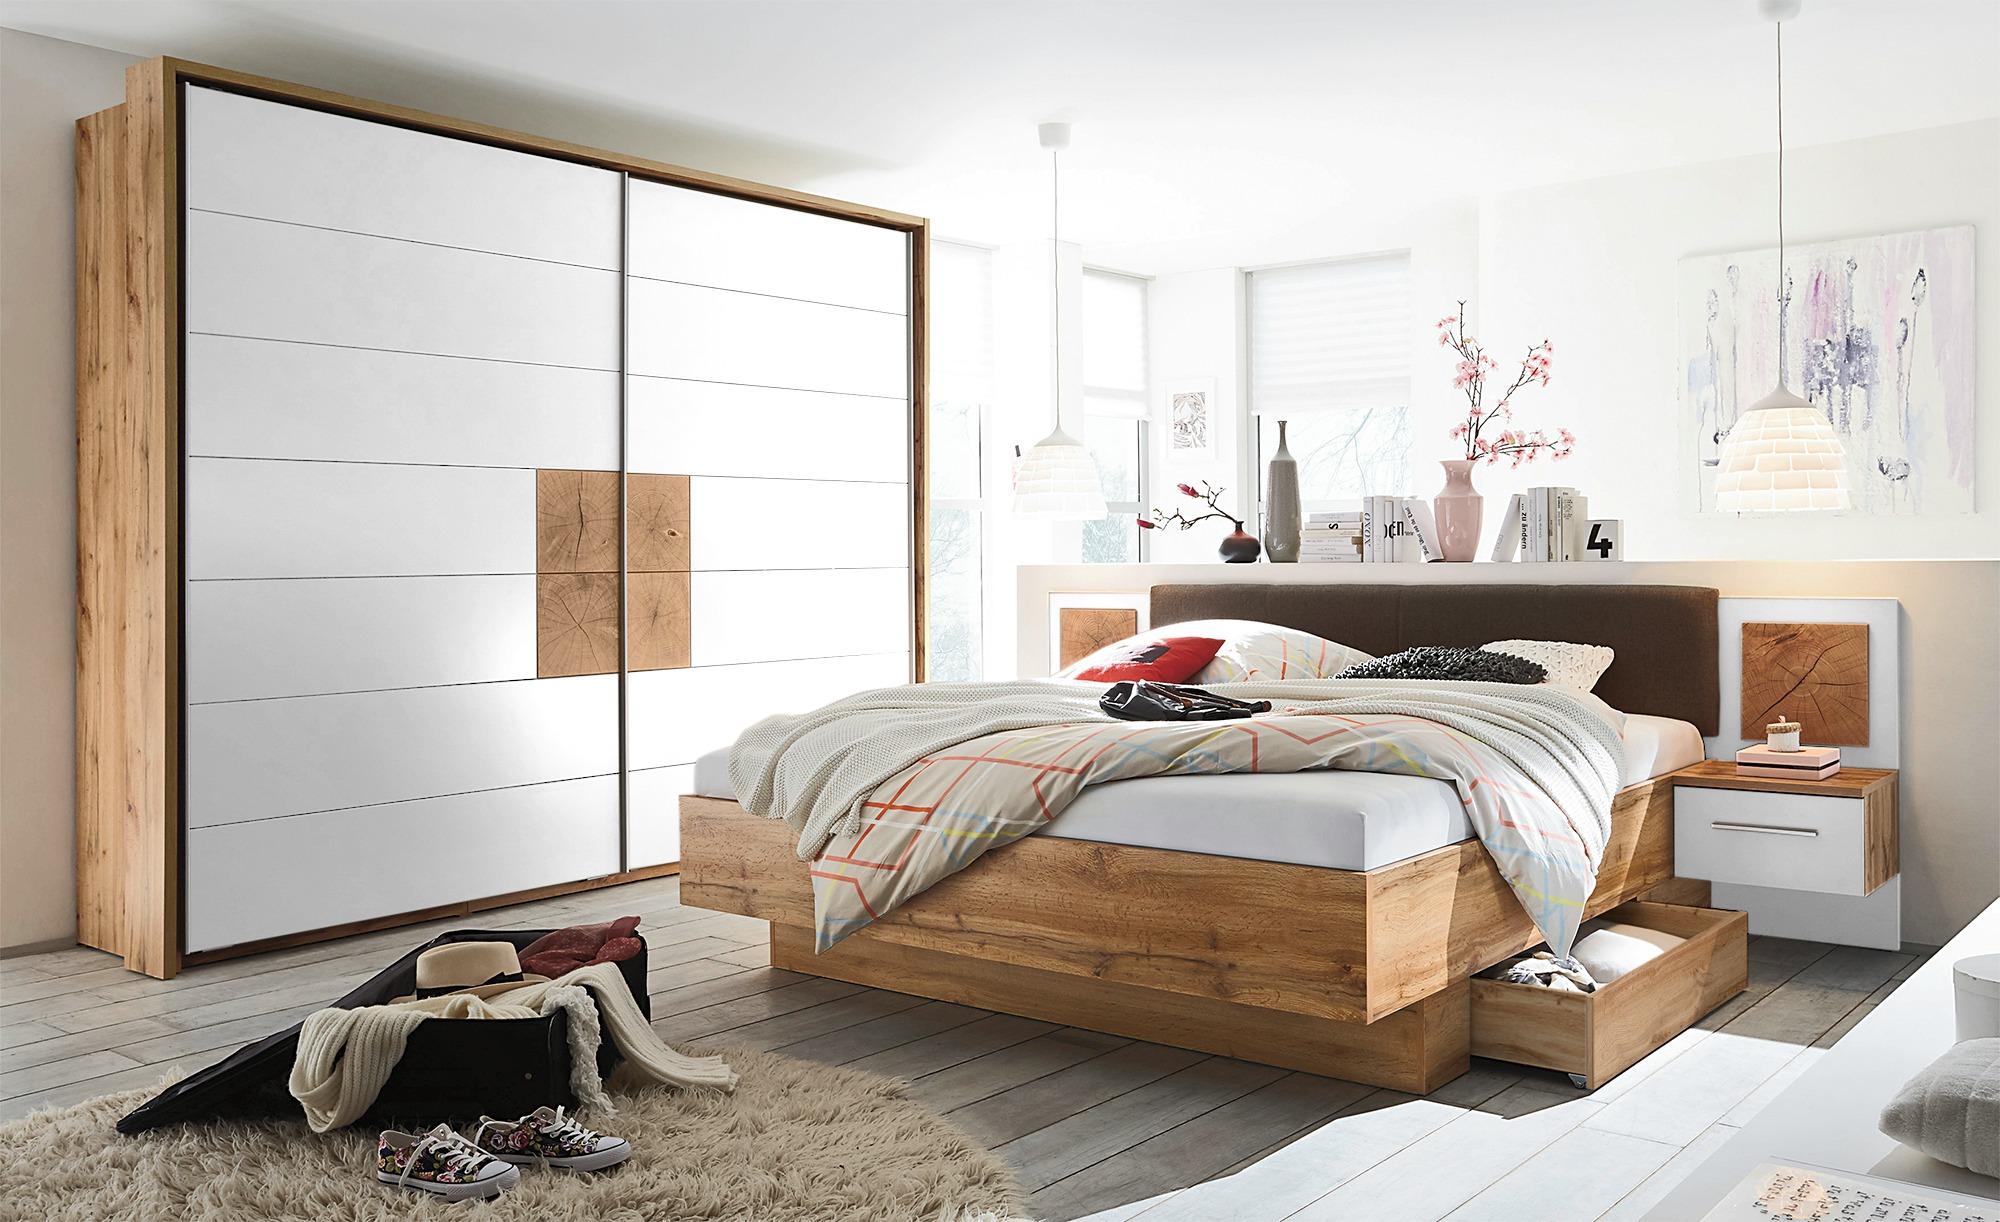 holzfarben-holzwerkstoff Komplett-Schlafzimmer online kaufen | Möbel ...